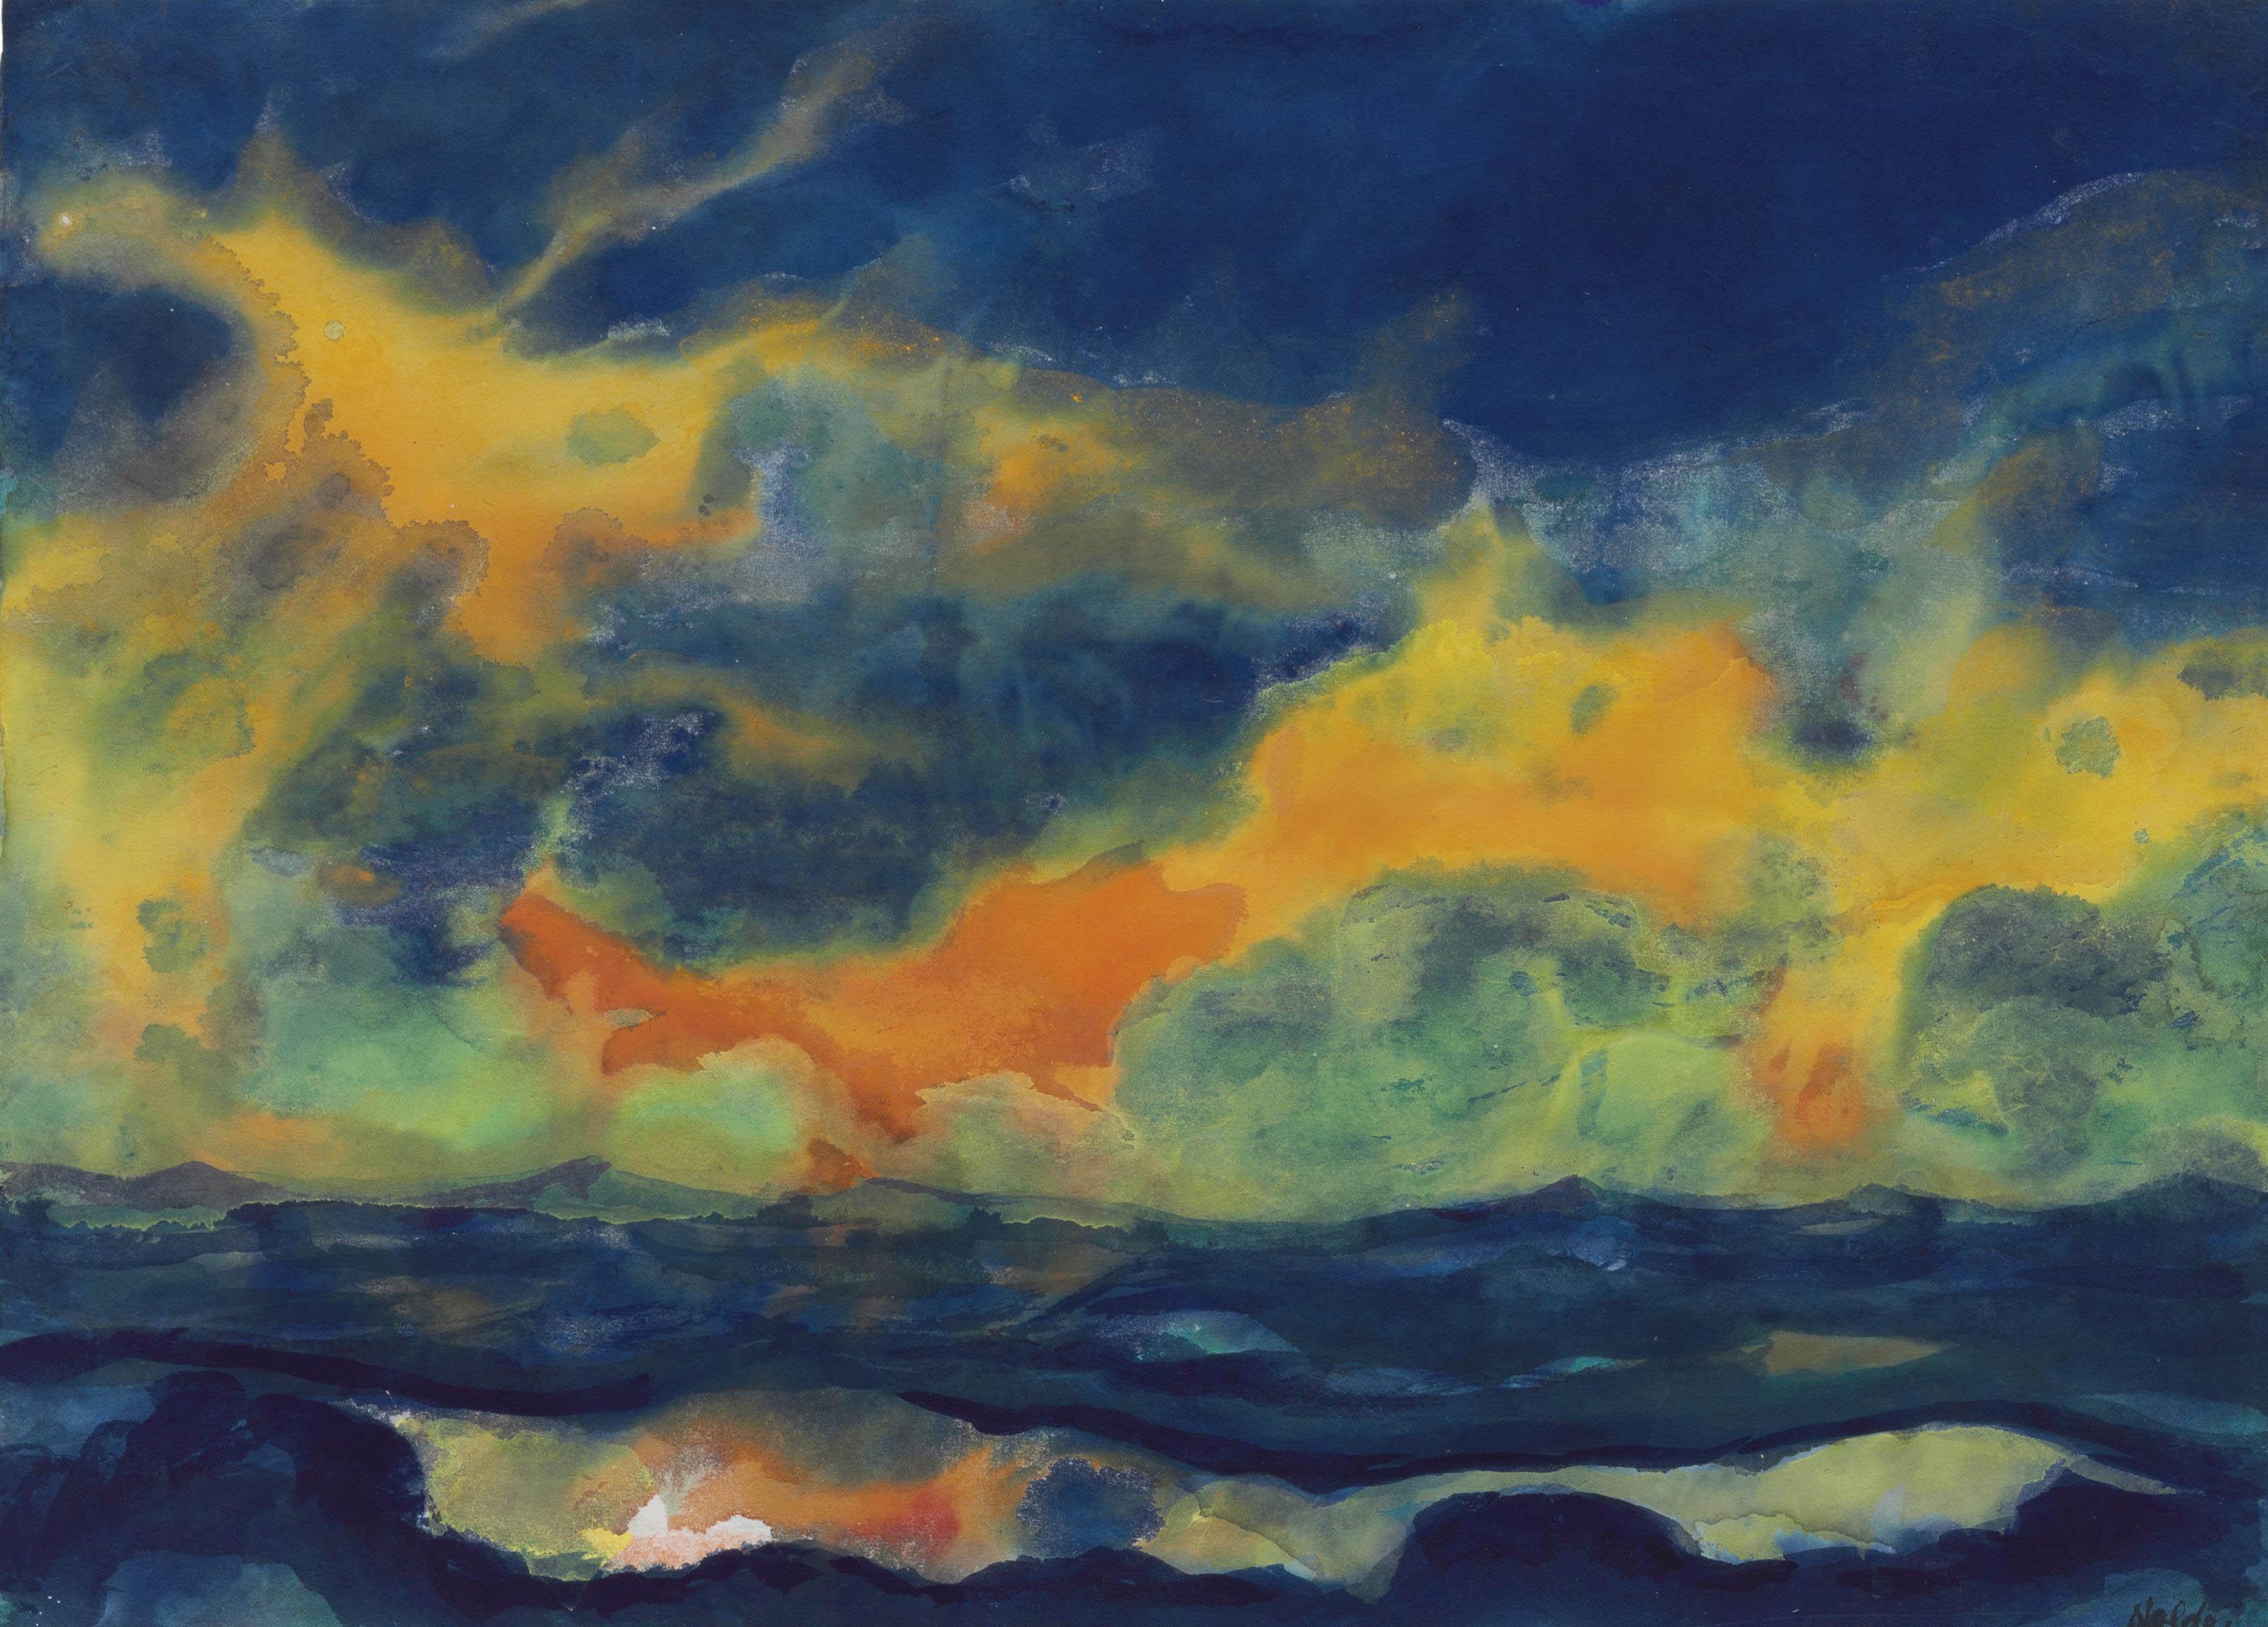 Herbsthimmel am Meer